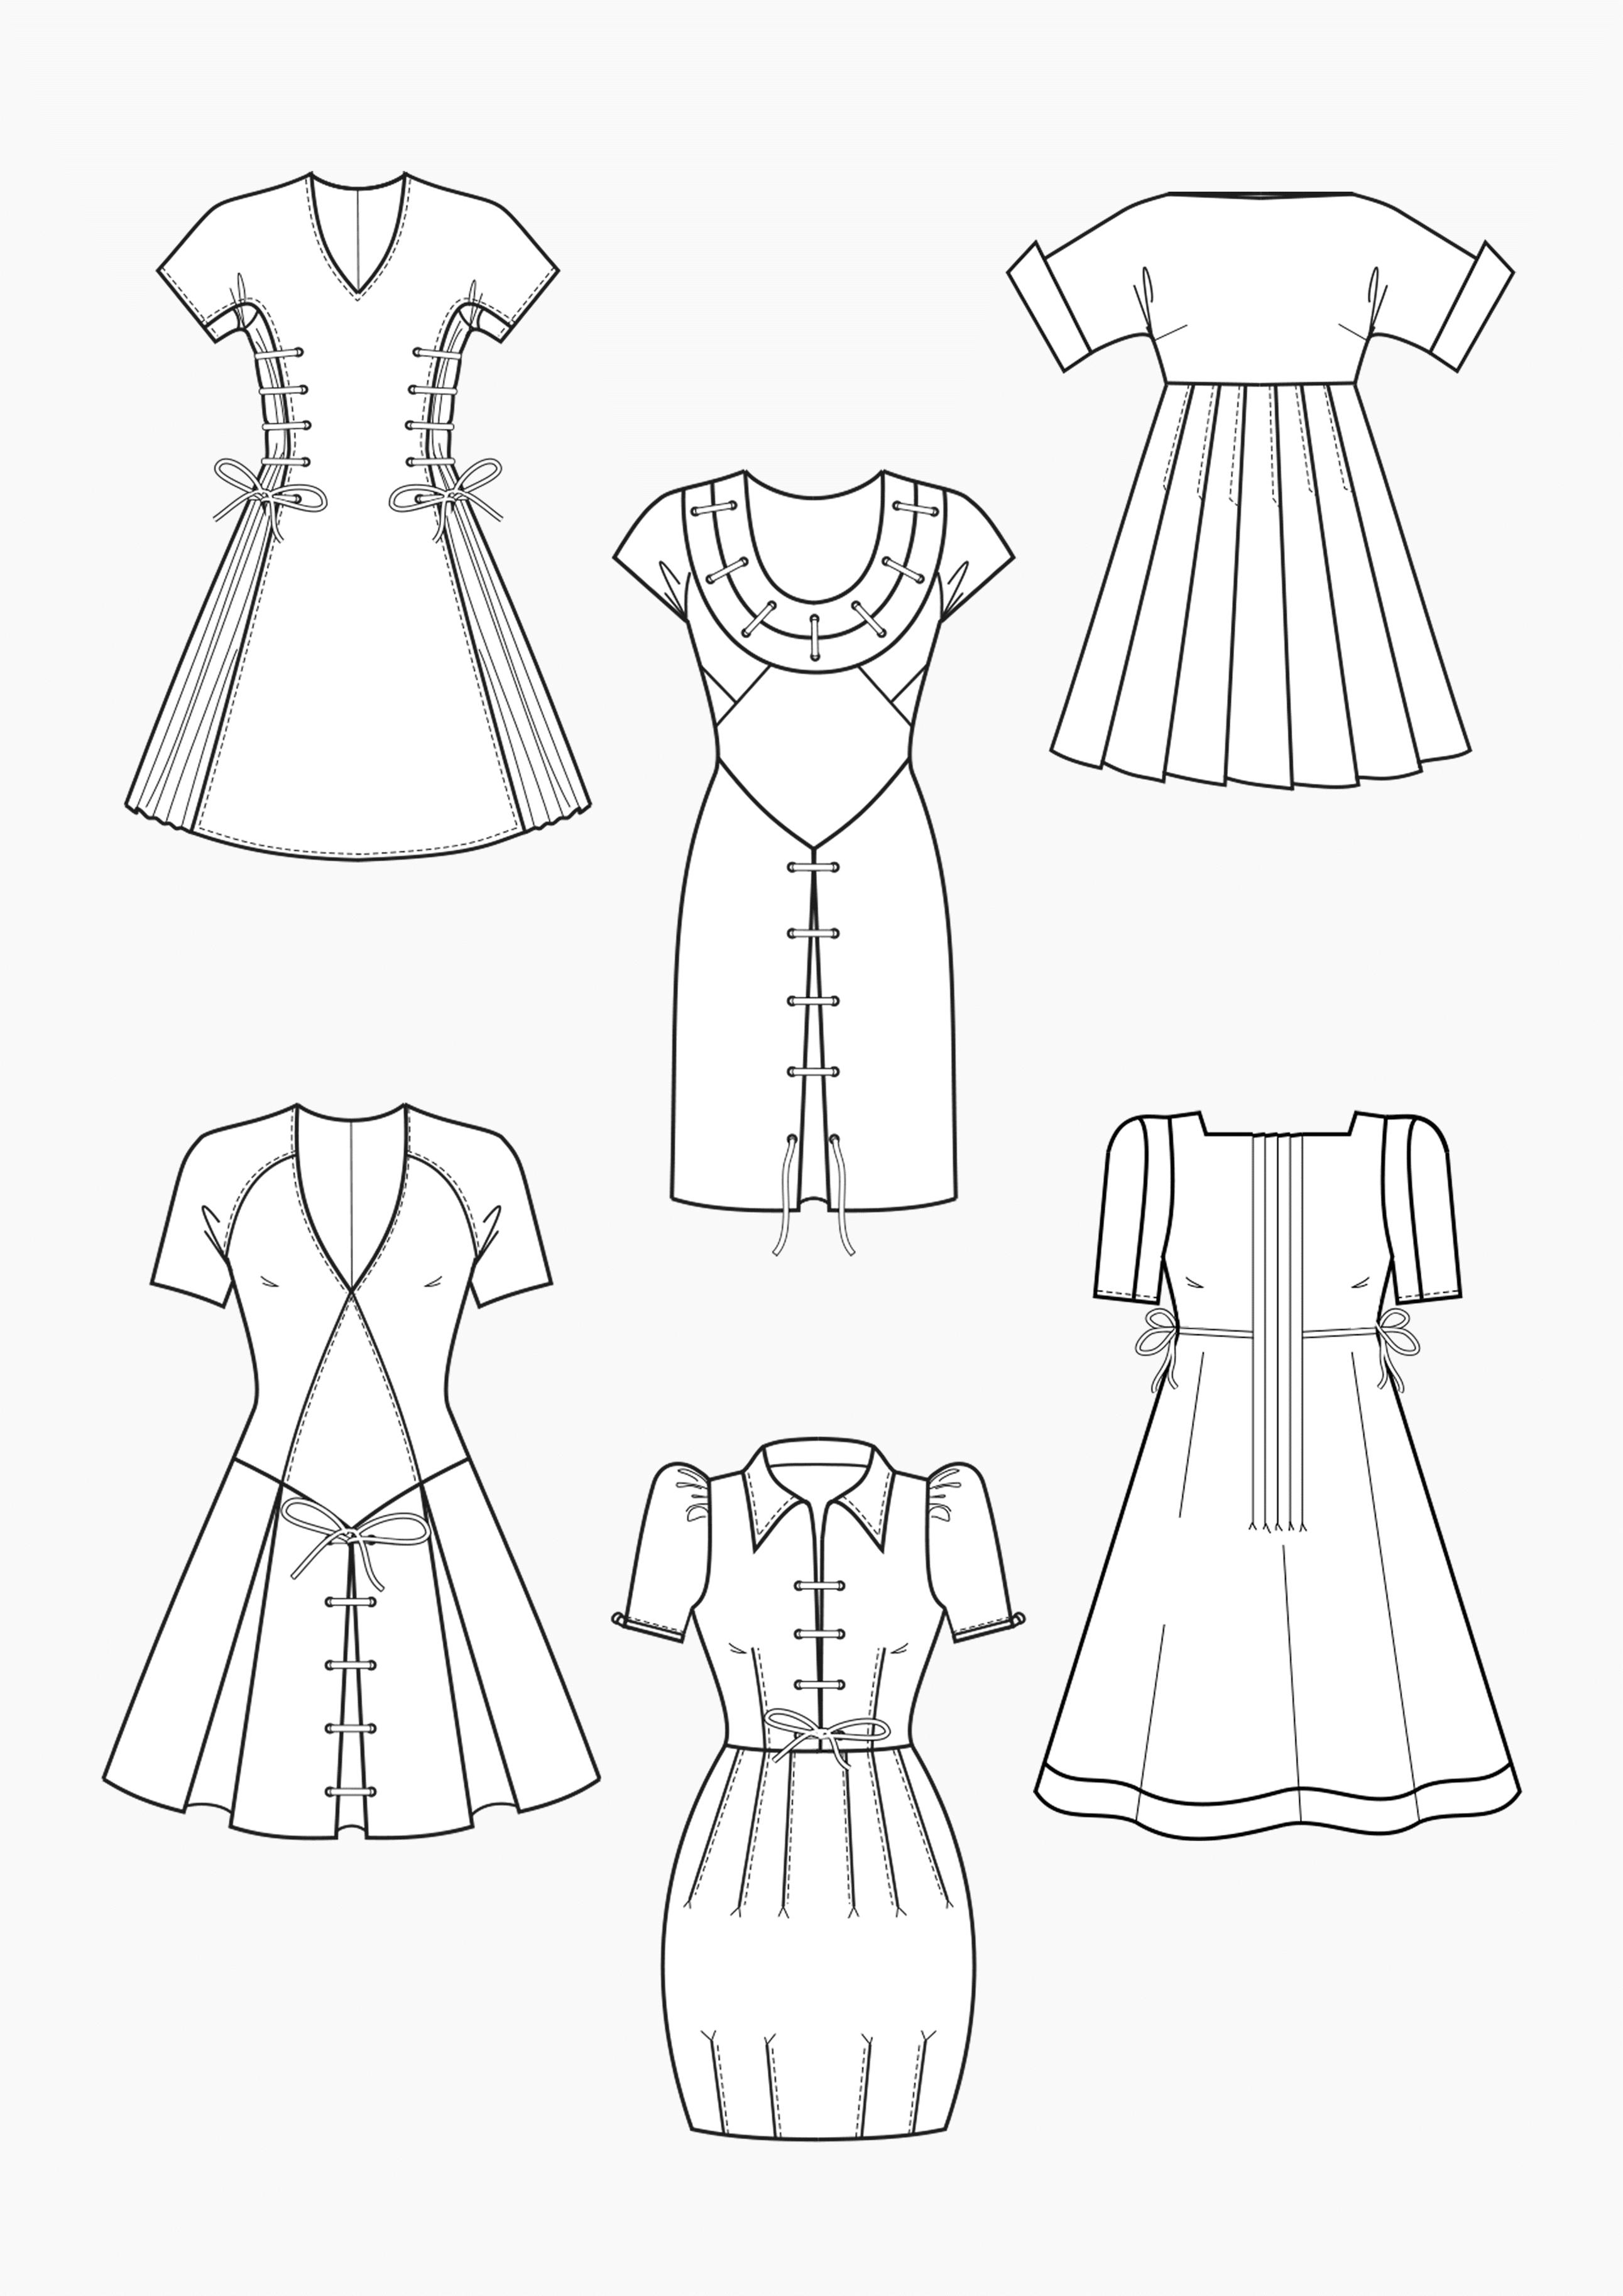 Produkt: Schnitt-Technik Kleider mit Schnürung